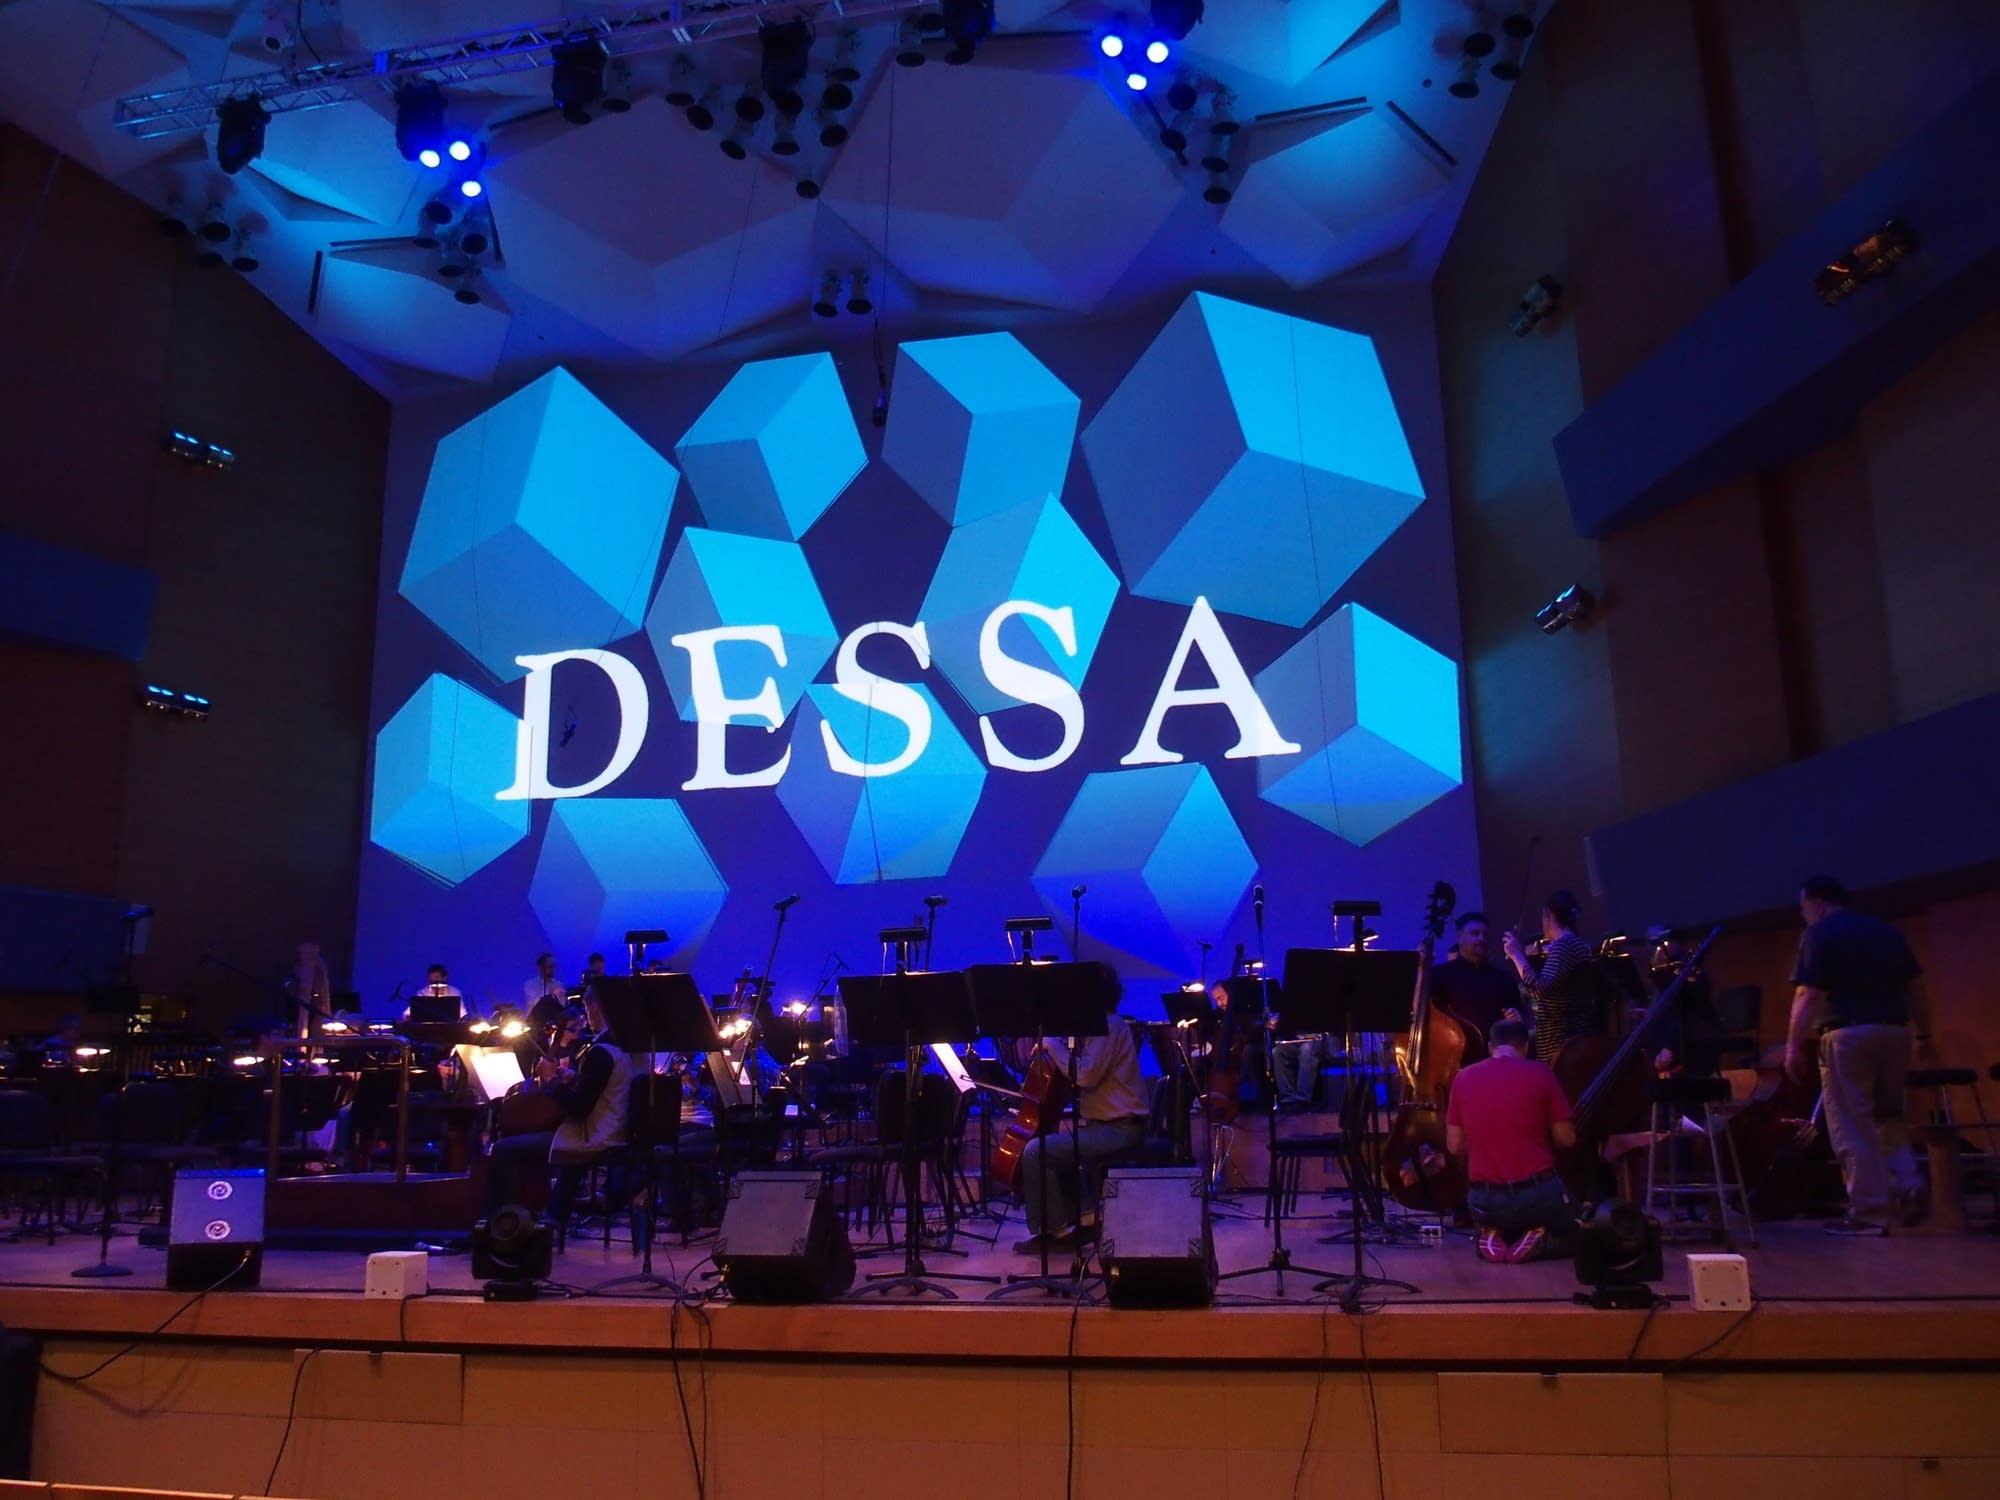 The Dessa show